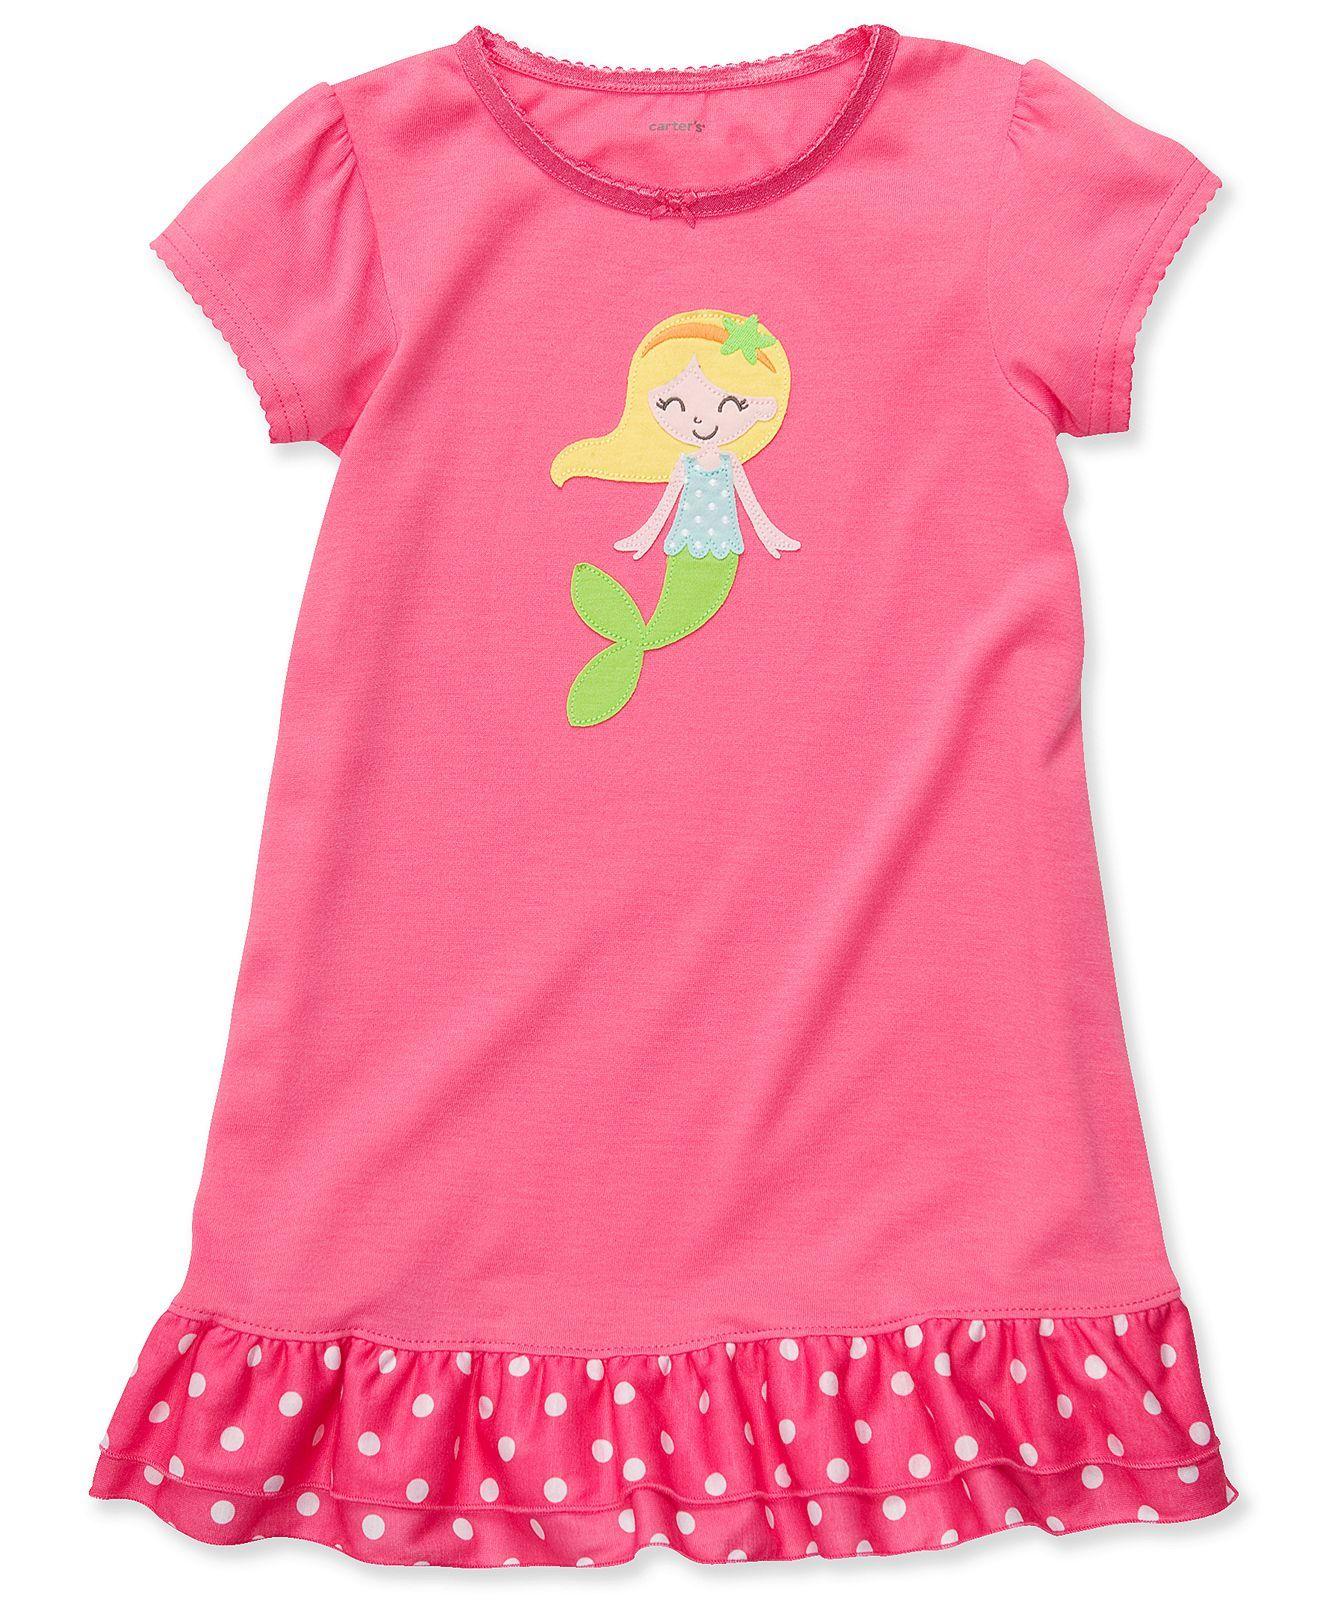 1fb44eb17 Carters Kids Pajamas